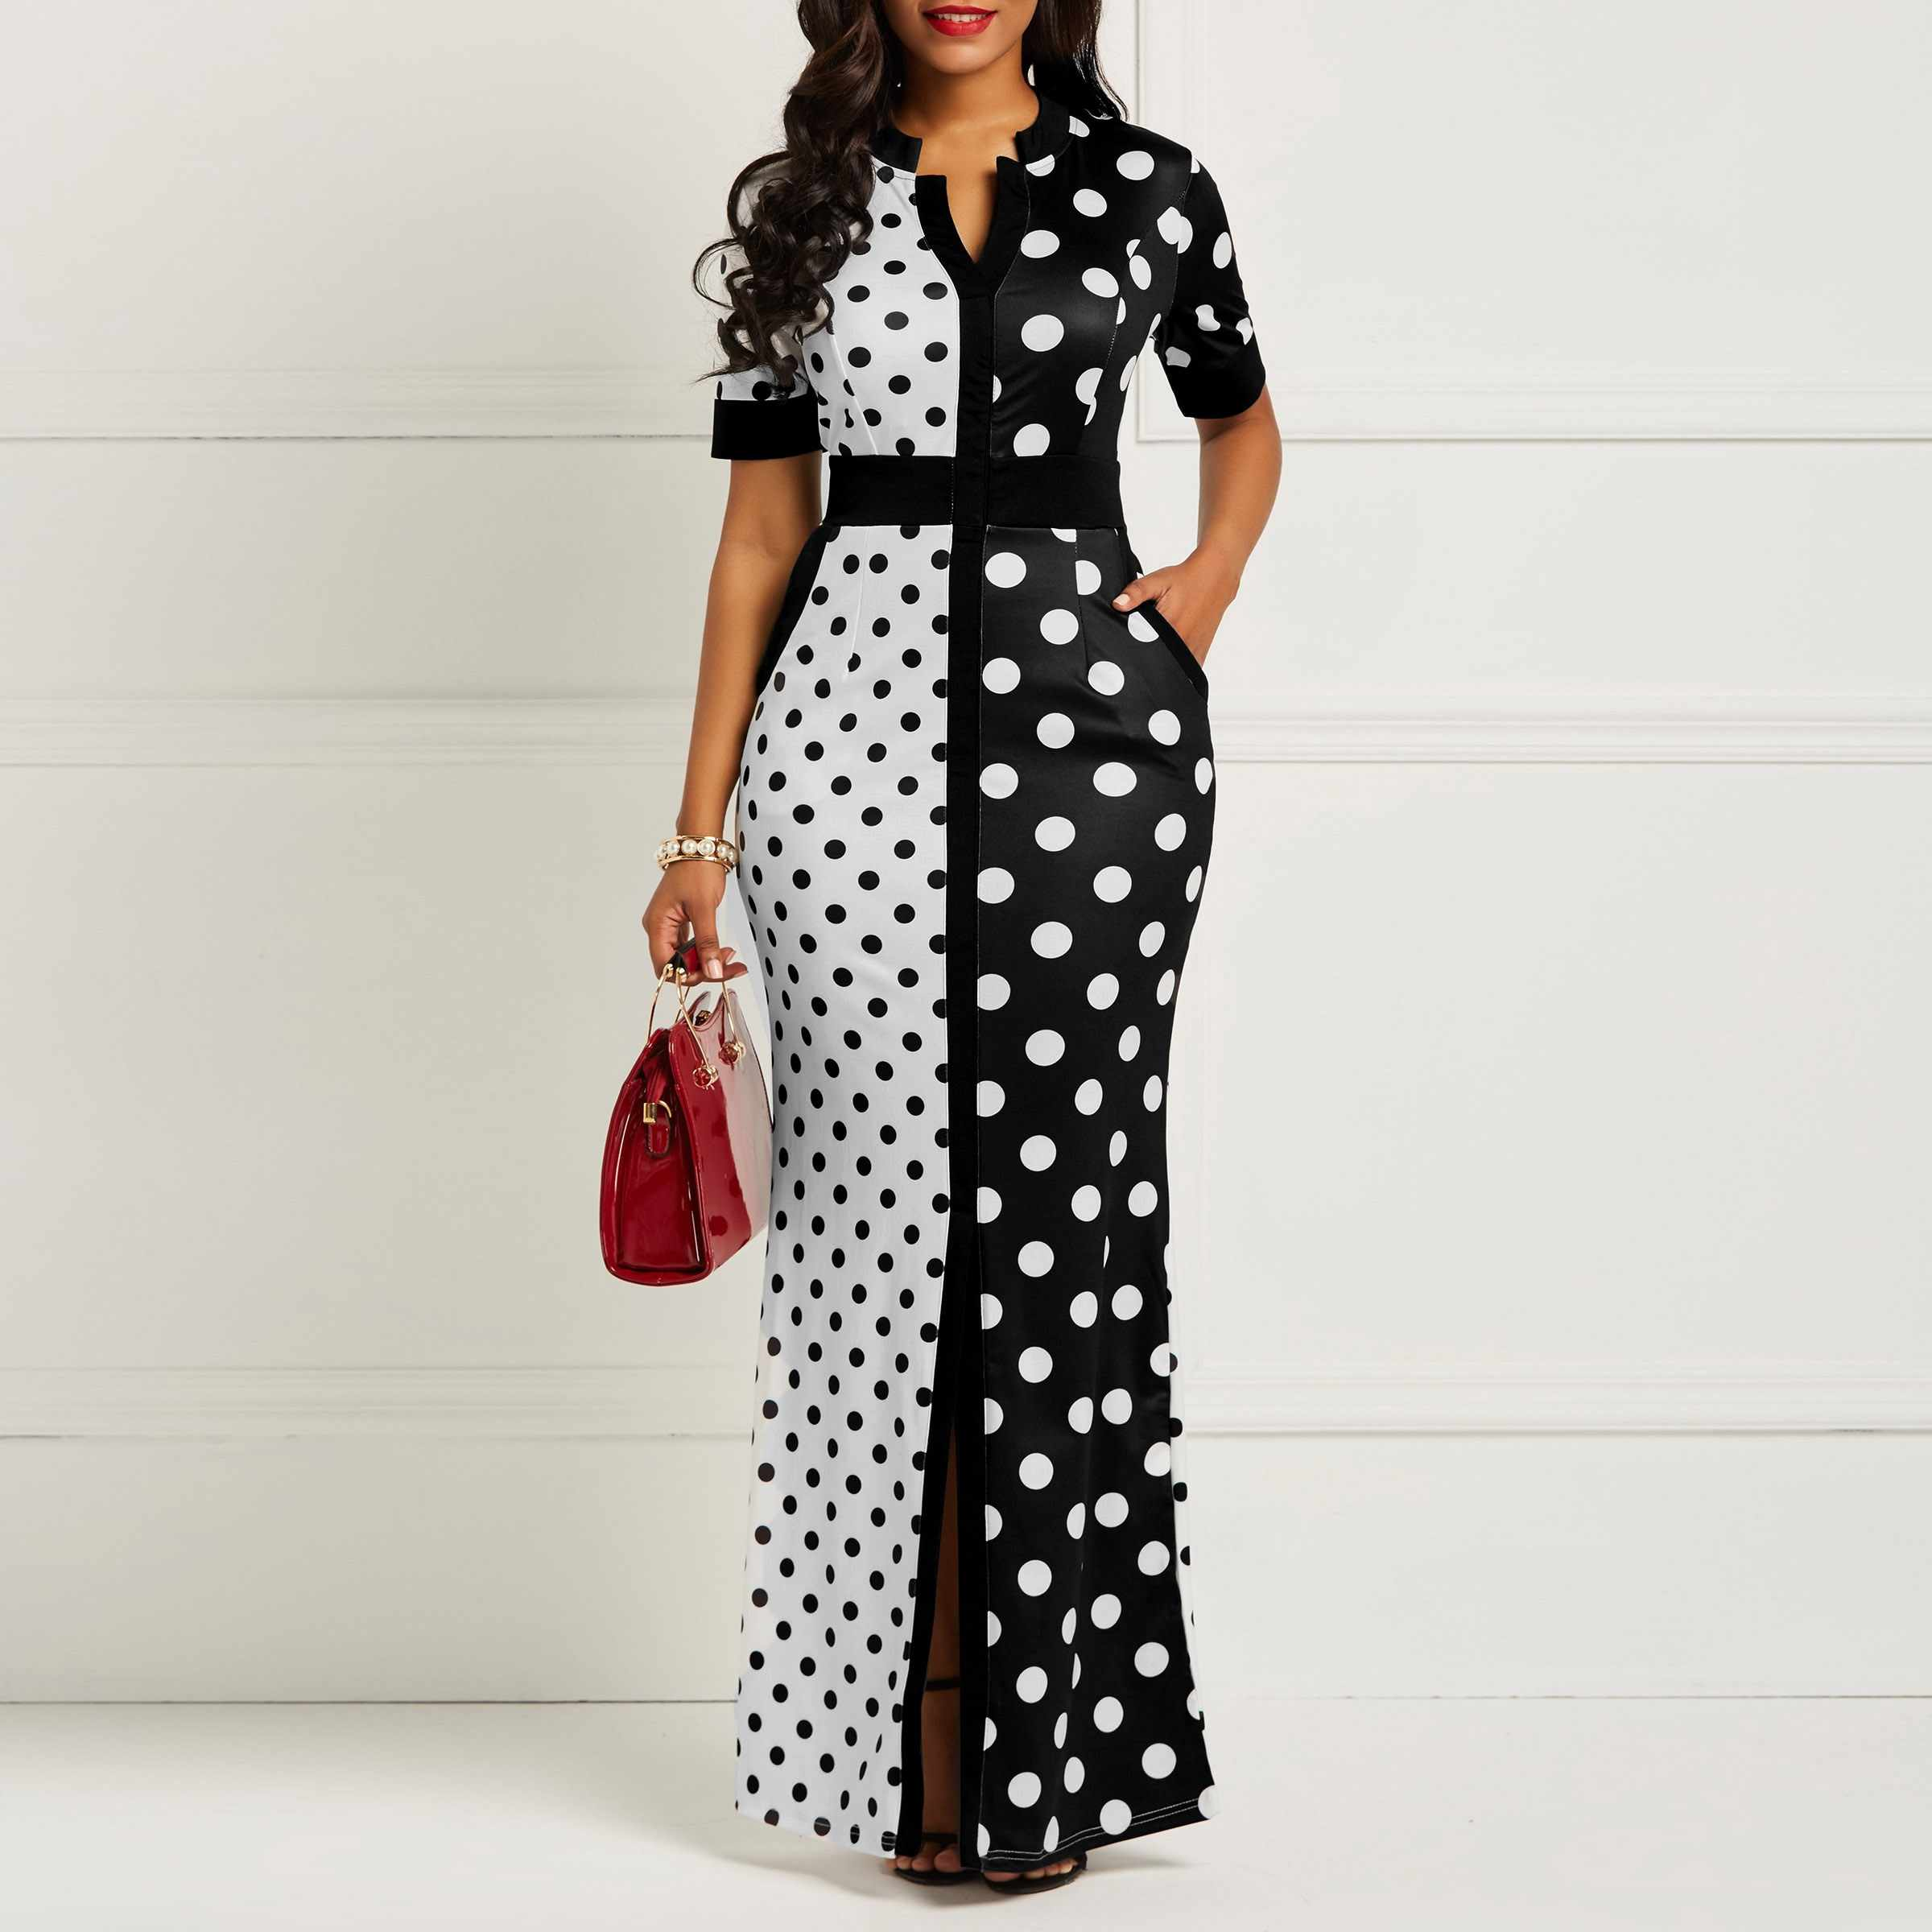 Платье в африканском стиле, винтажное платье в горошек, белое, черное, с принтом в стиле ретро, облегающее женское летнее платье с коротким рукавом, большие размеры, Длинное Платье Макси